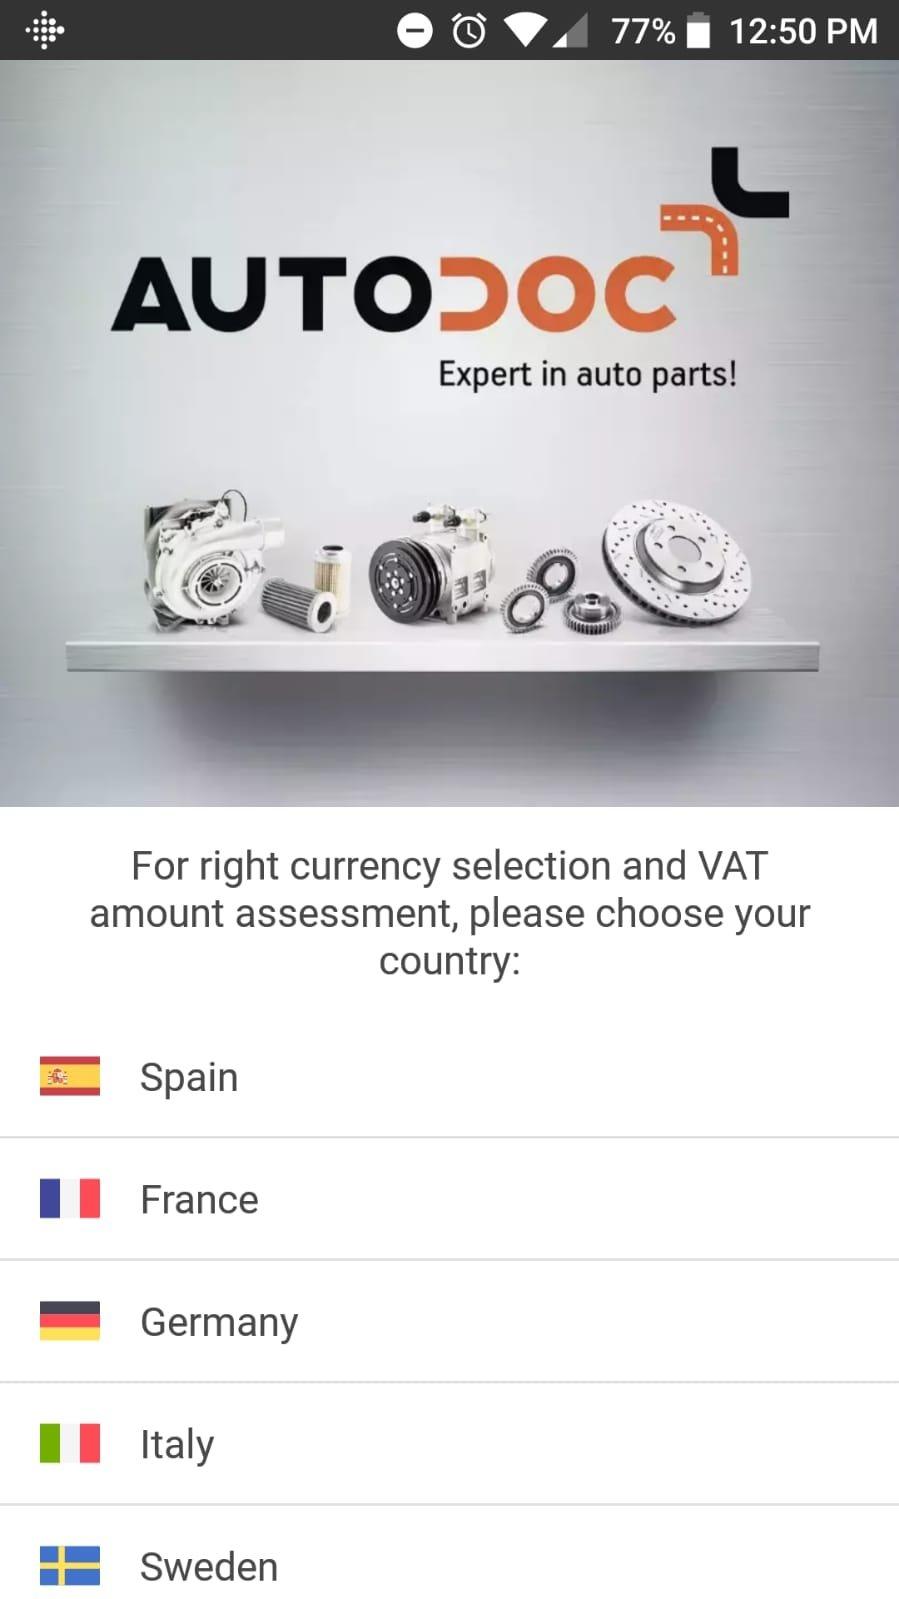 Autodoc - Pièces Auto App Android image 6